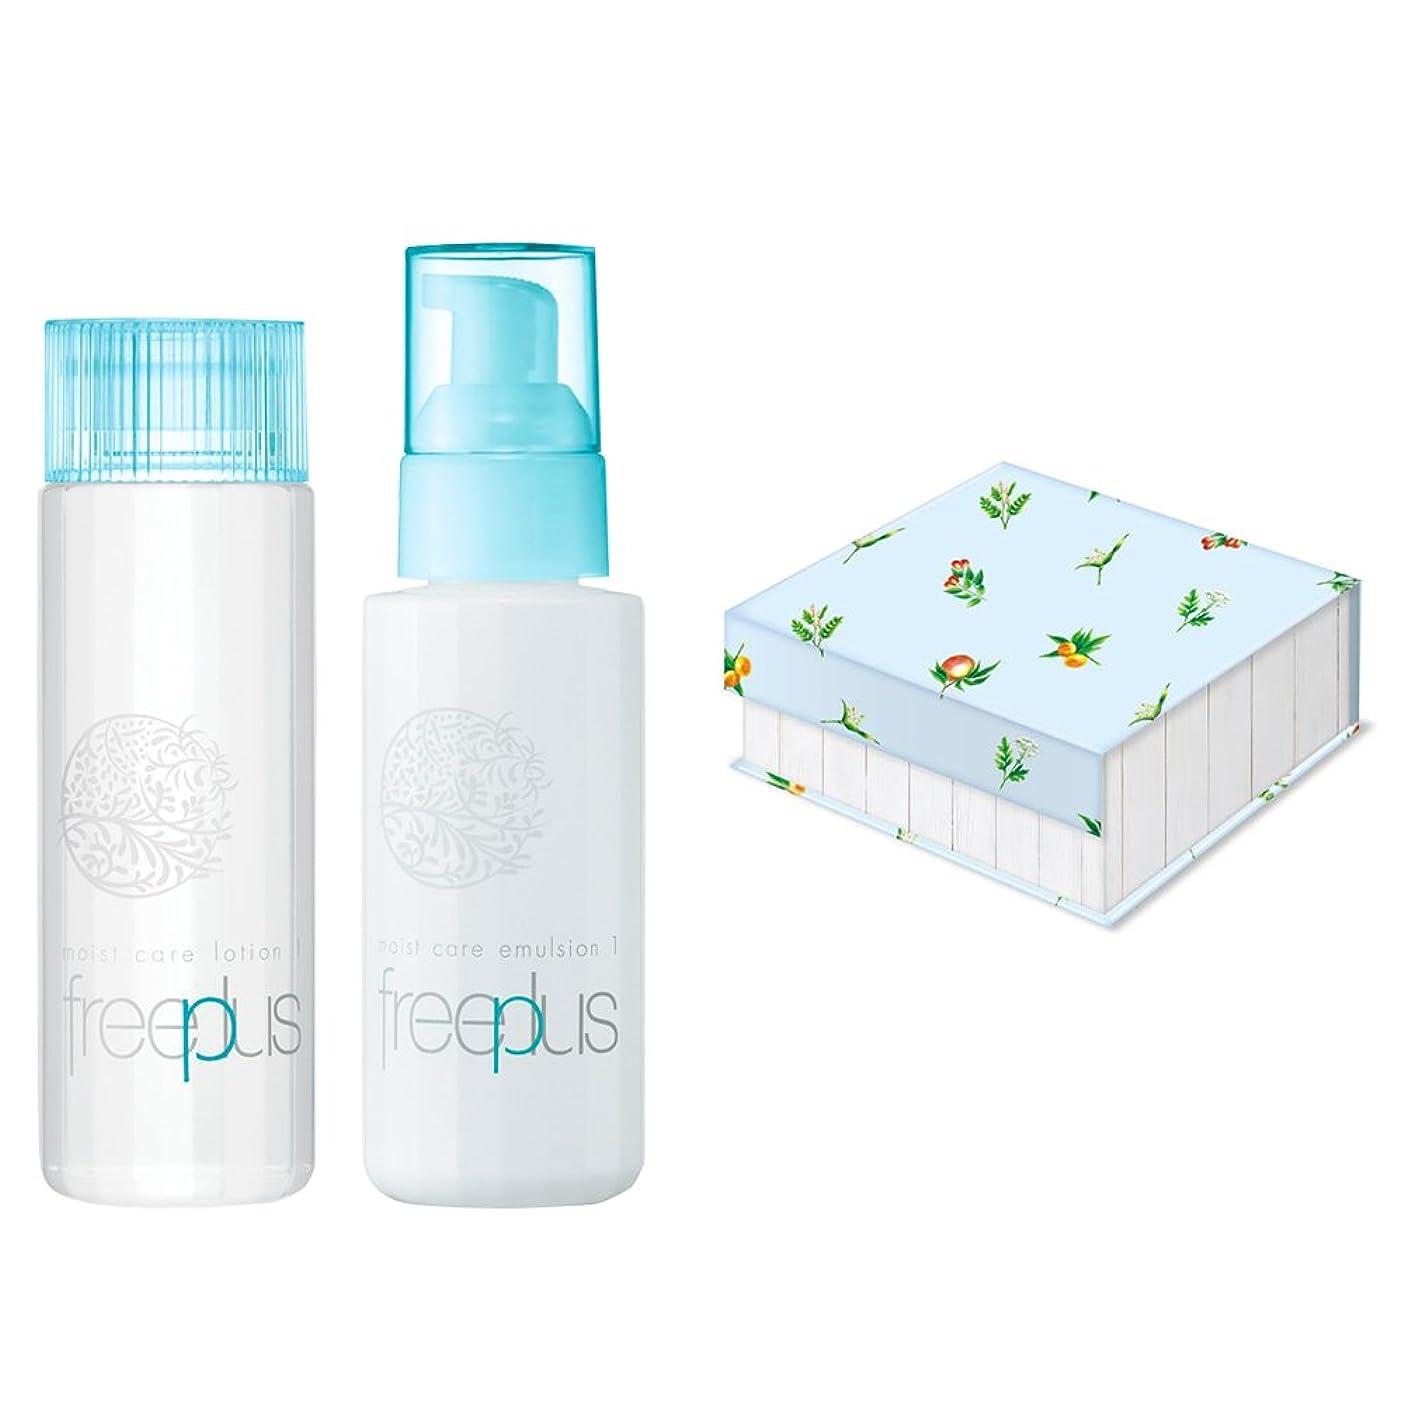 証人アソシエイトまつげフリープラス モイストケア 化粧水+乳液+限定ボックスセット(さっぱり)